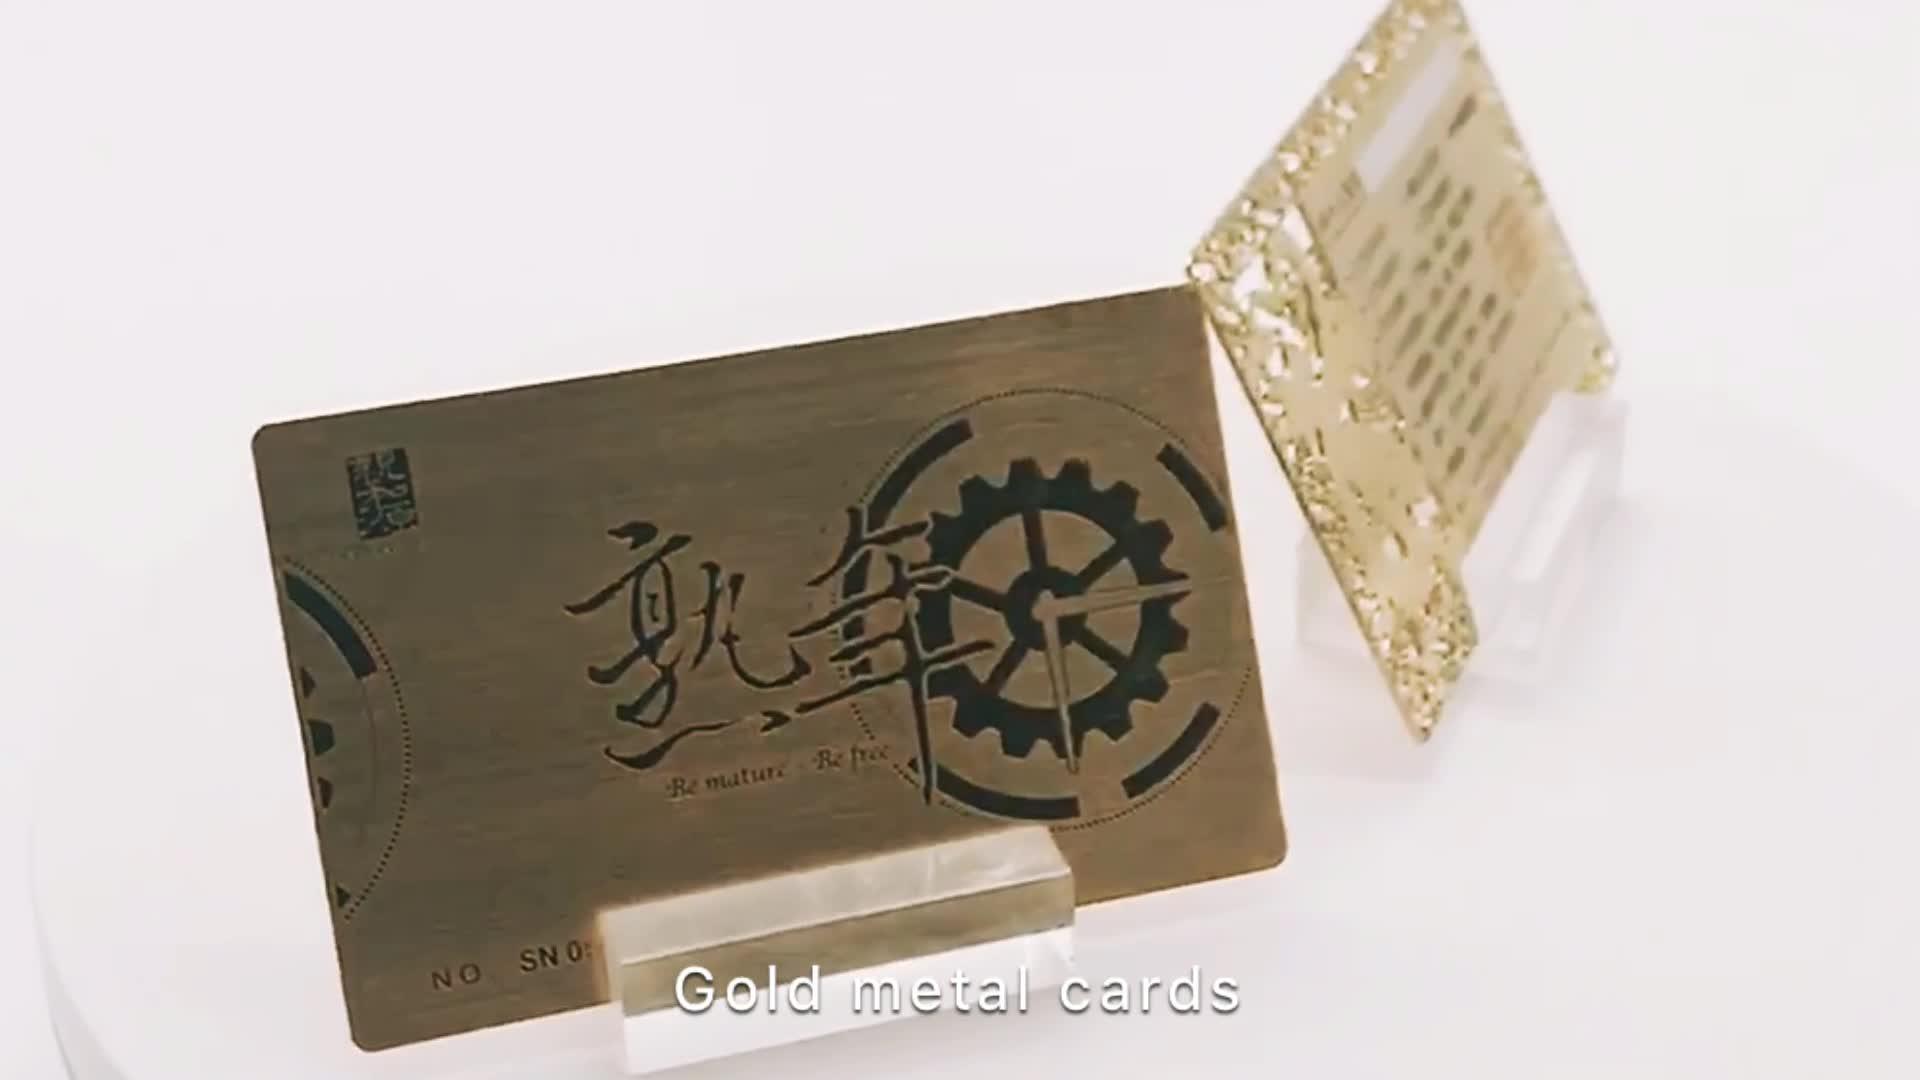 Vip Membership Silver Gold Metal Business Card - Buy Gold Metal ...